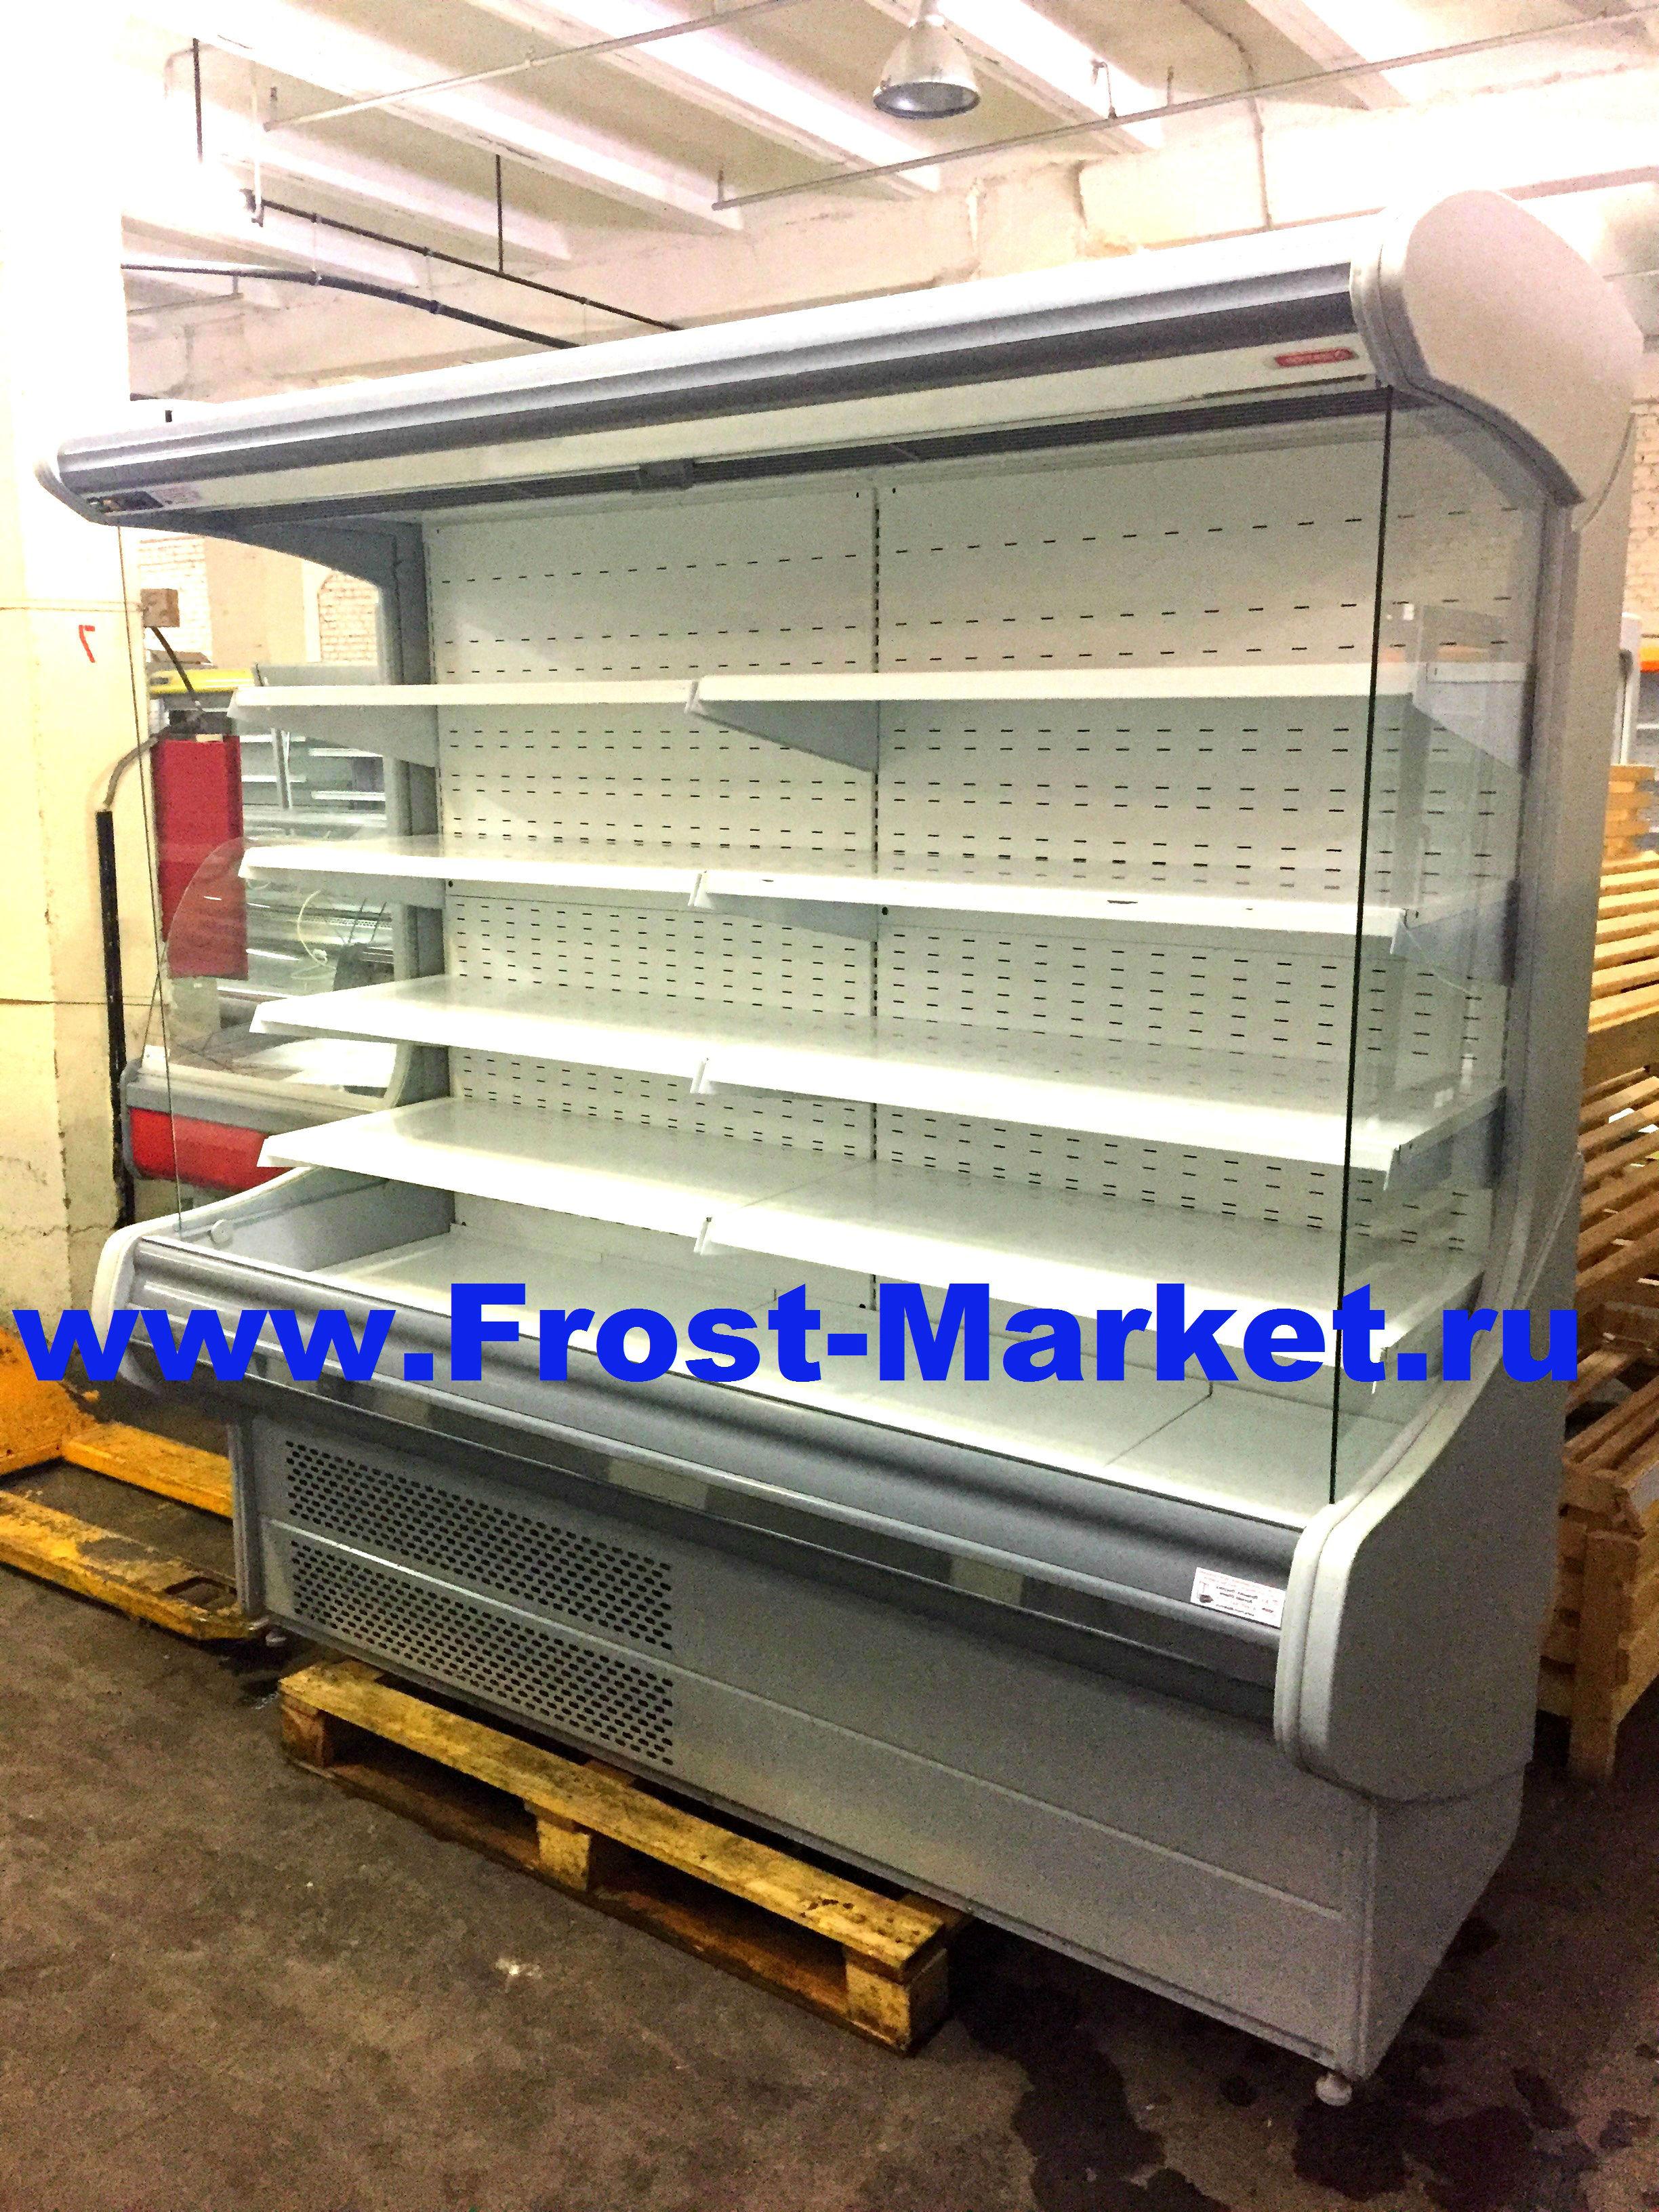 Горка холодильная гастрономическая б у Ариада Виолетта ВС 15-160